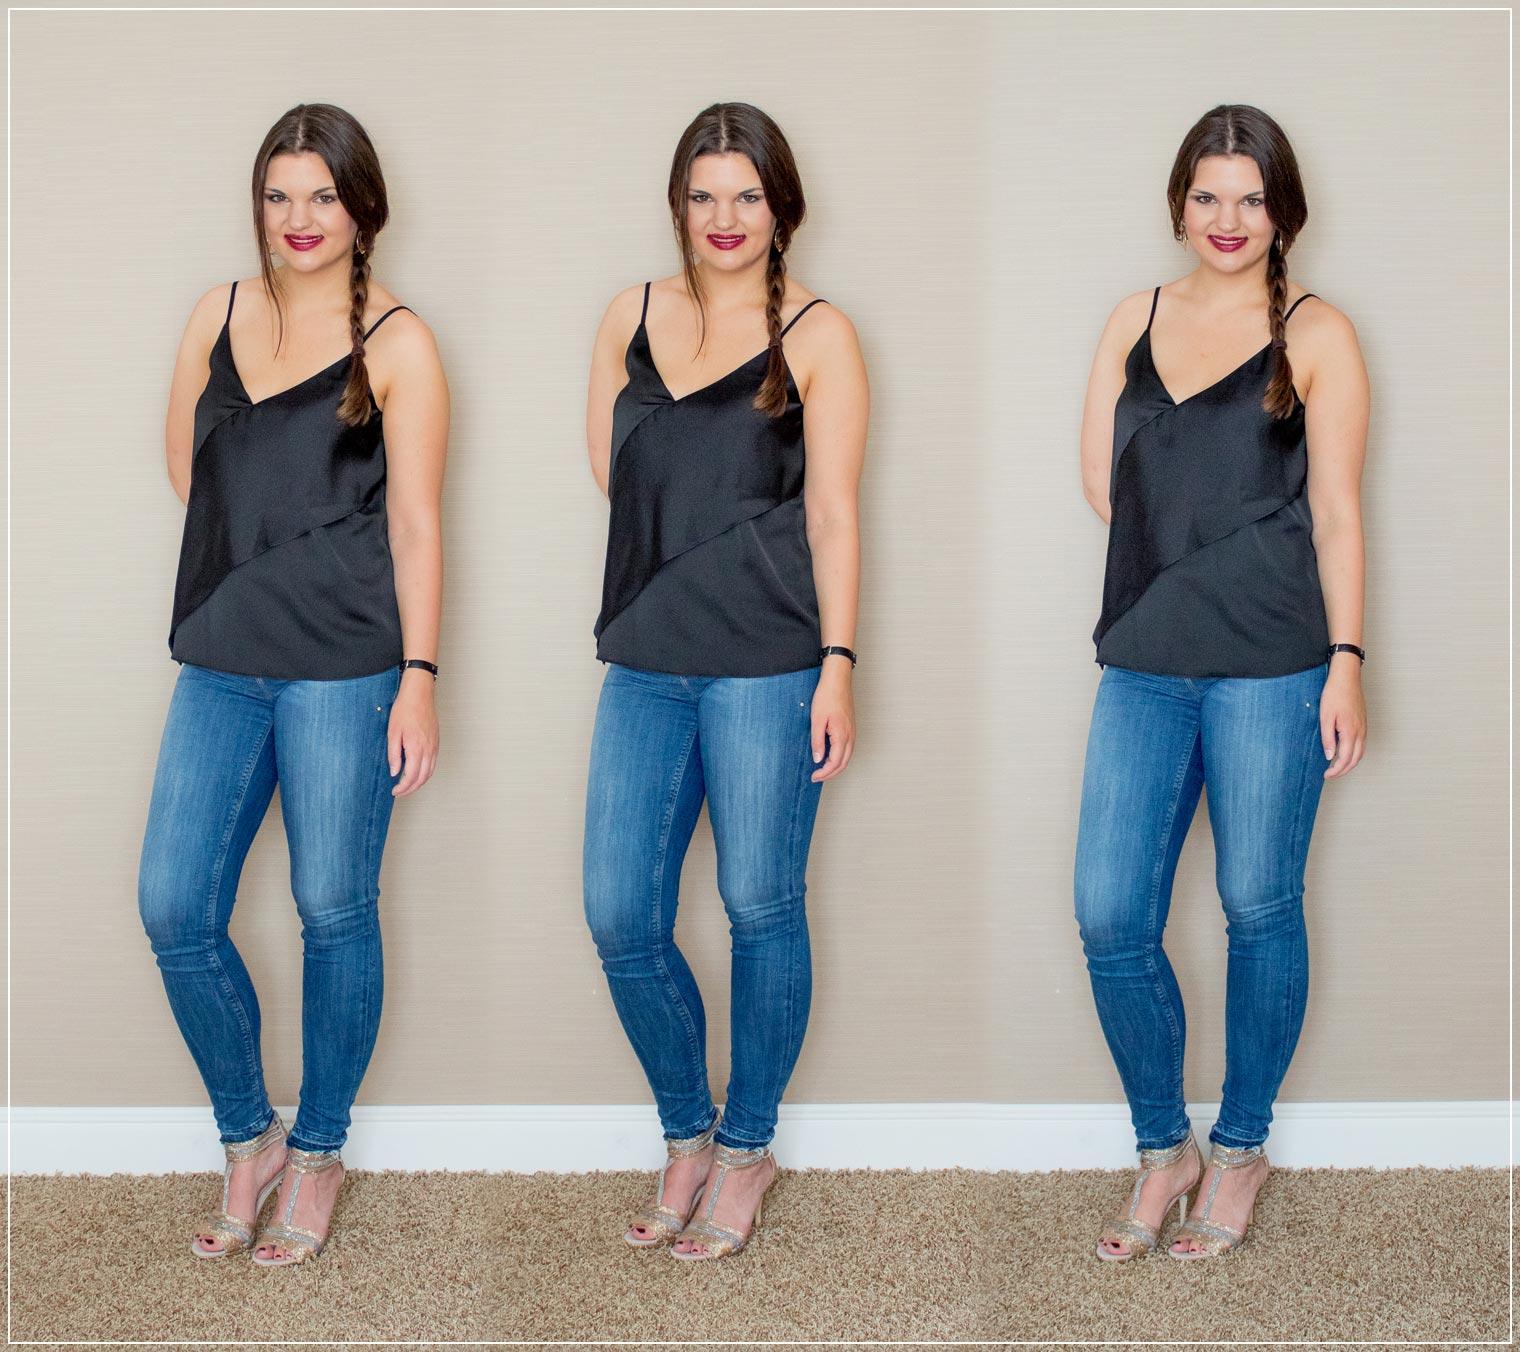 Outfitinspiration aus Jeans und Satin-Top mit High Heels